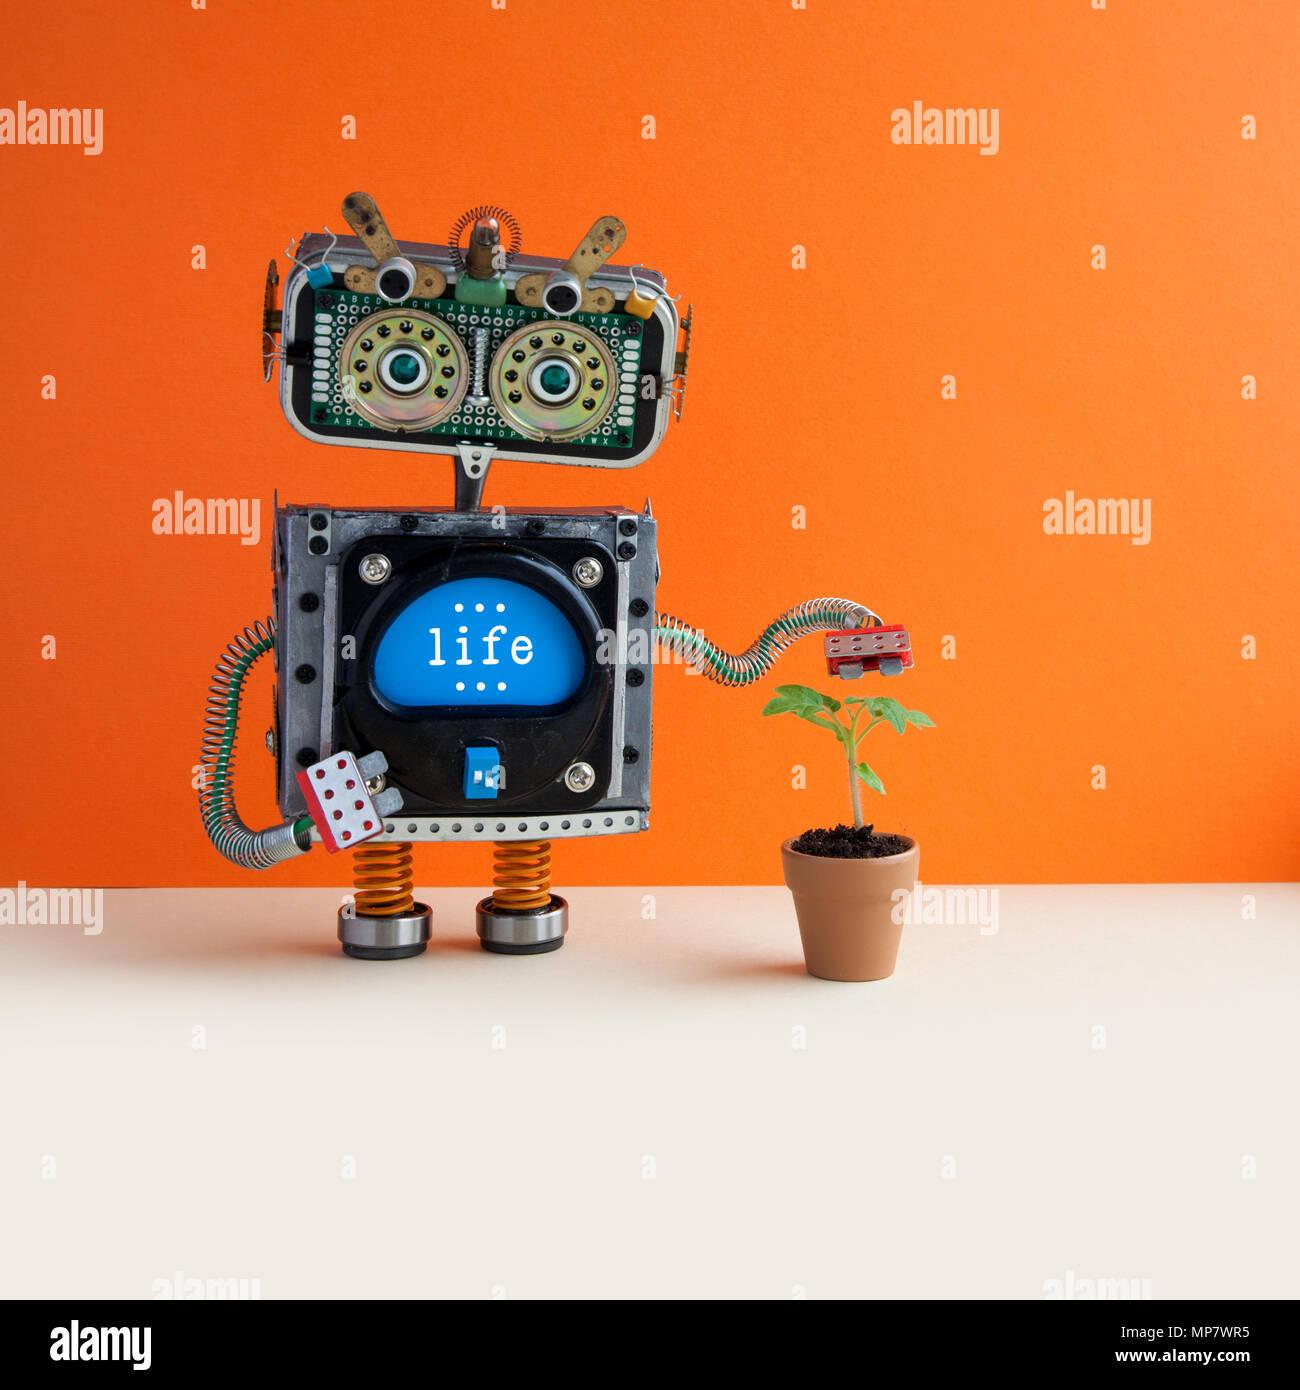 Eco del concepto de la vida orgánica. Con un pequeño robot verde de plantas germinadas en una maceta de barro. Fondo pared naranja, copie el espacio. Imagen De Stock